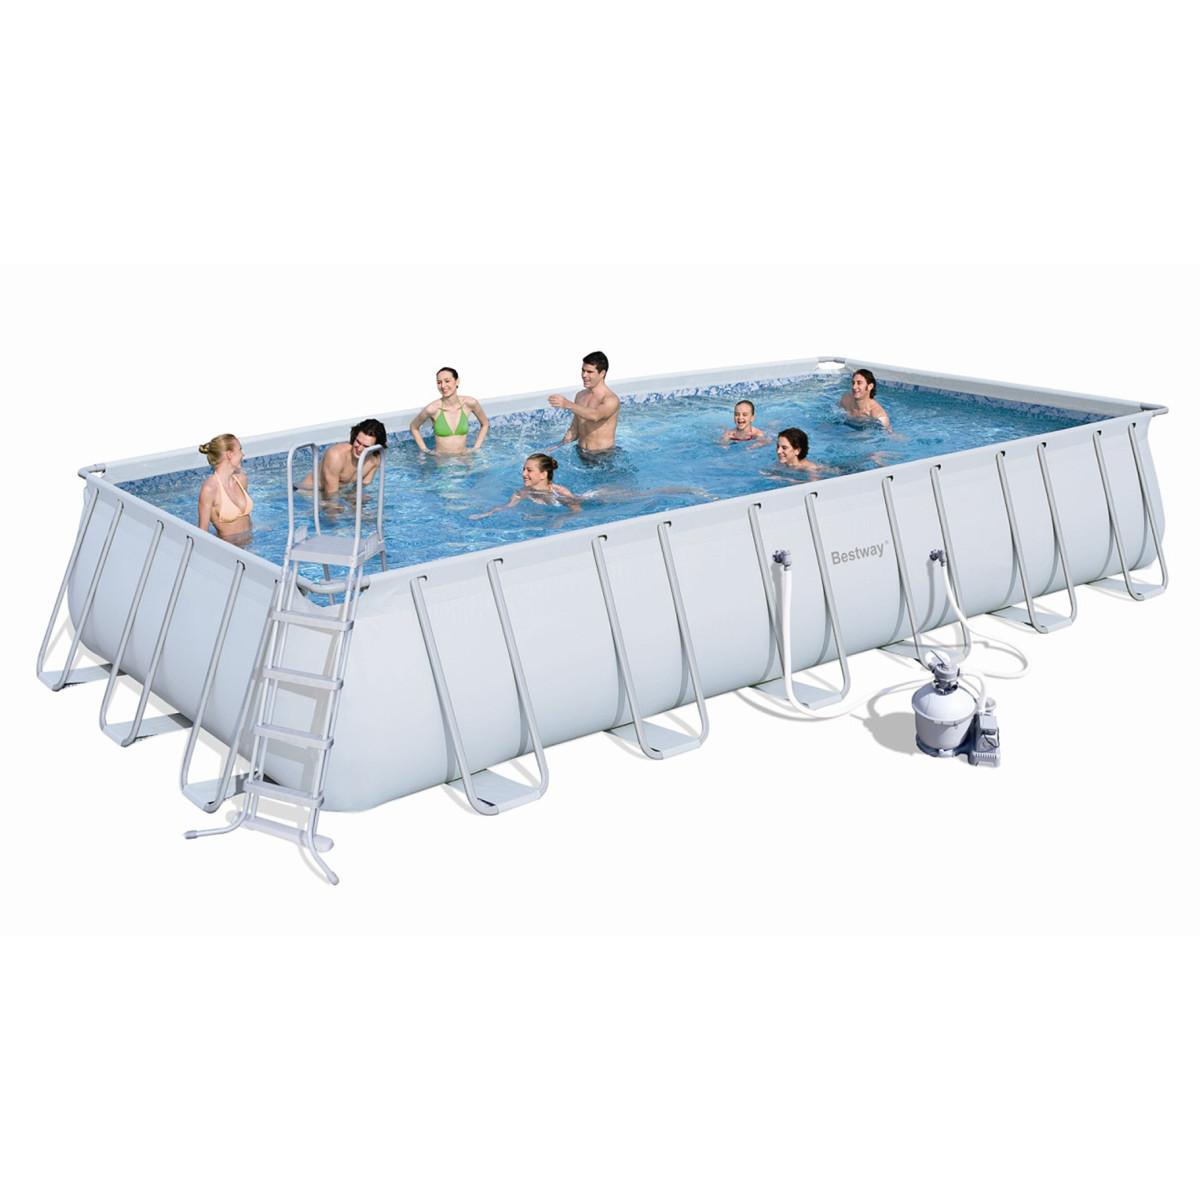 Каркасный бассейн Bestway 56475/56258 с песочным фильтром (732х366х132)